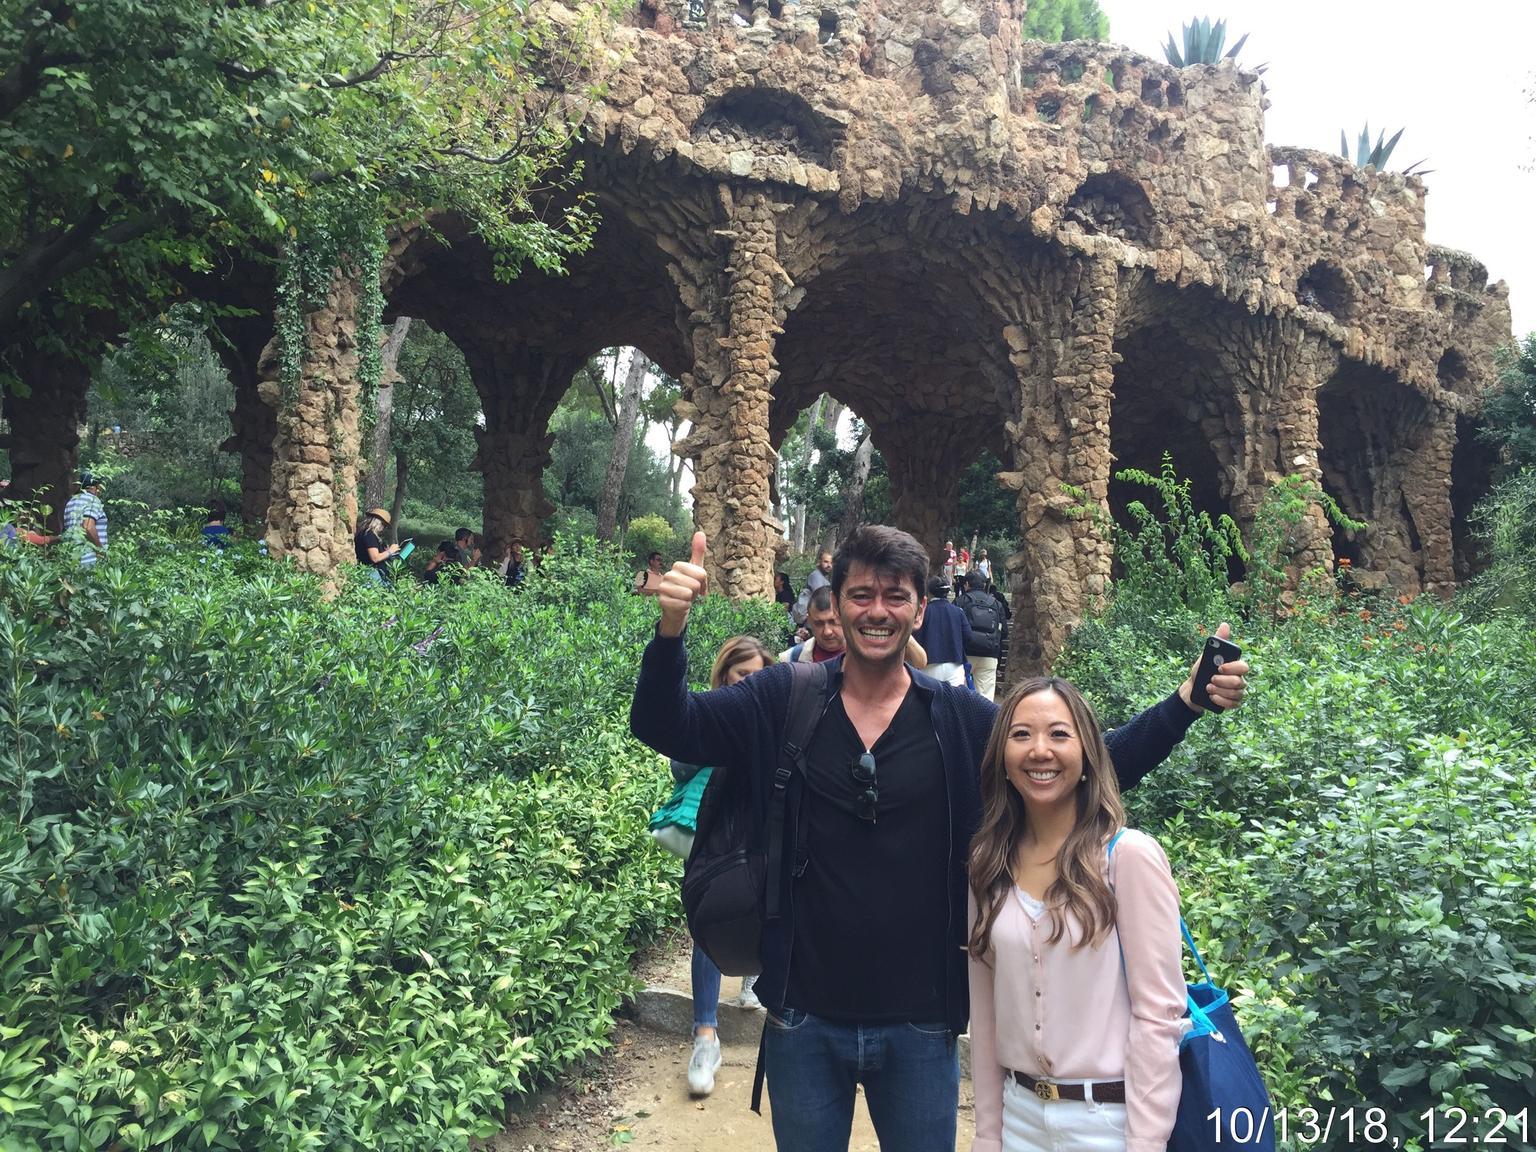 MÁS FOTOS, Recorrido guiado de día completo con acceso Evite las colas: Sagrada Familia, Parque Güell y La Pedrera